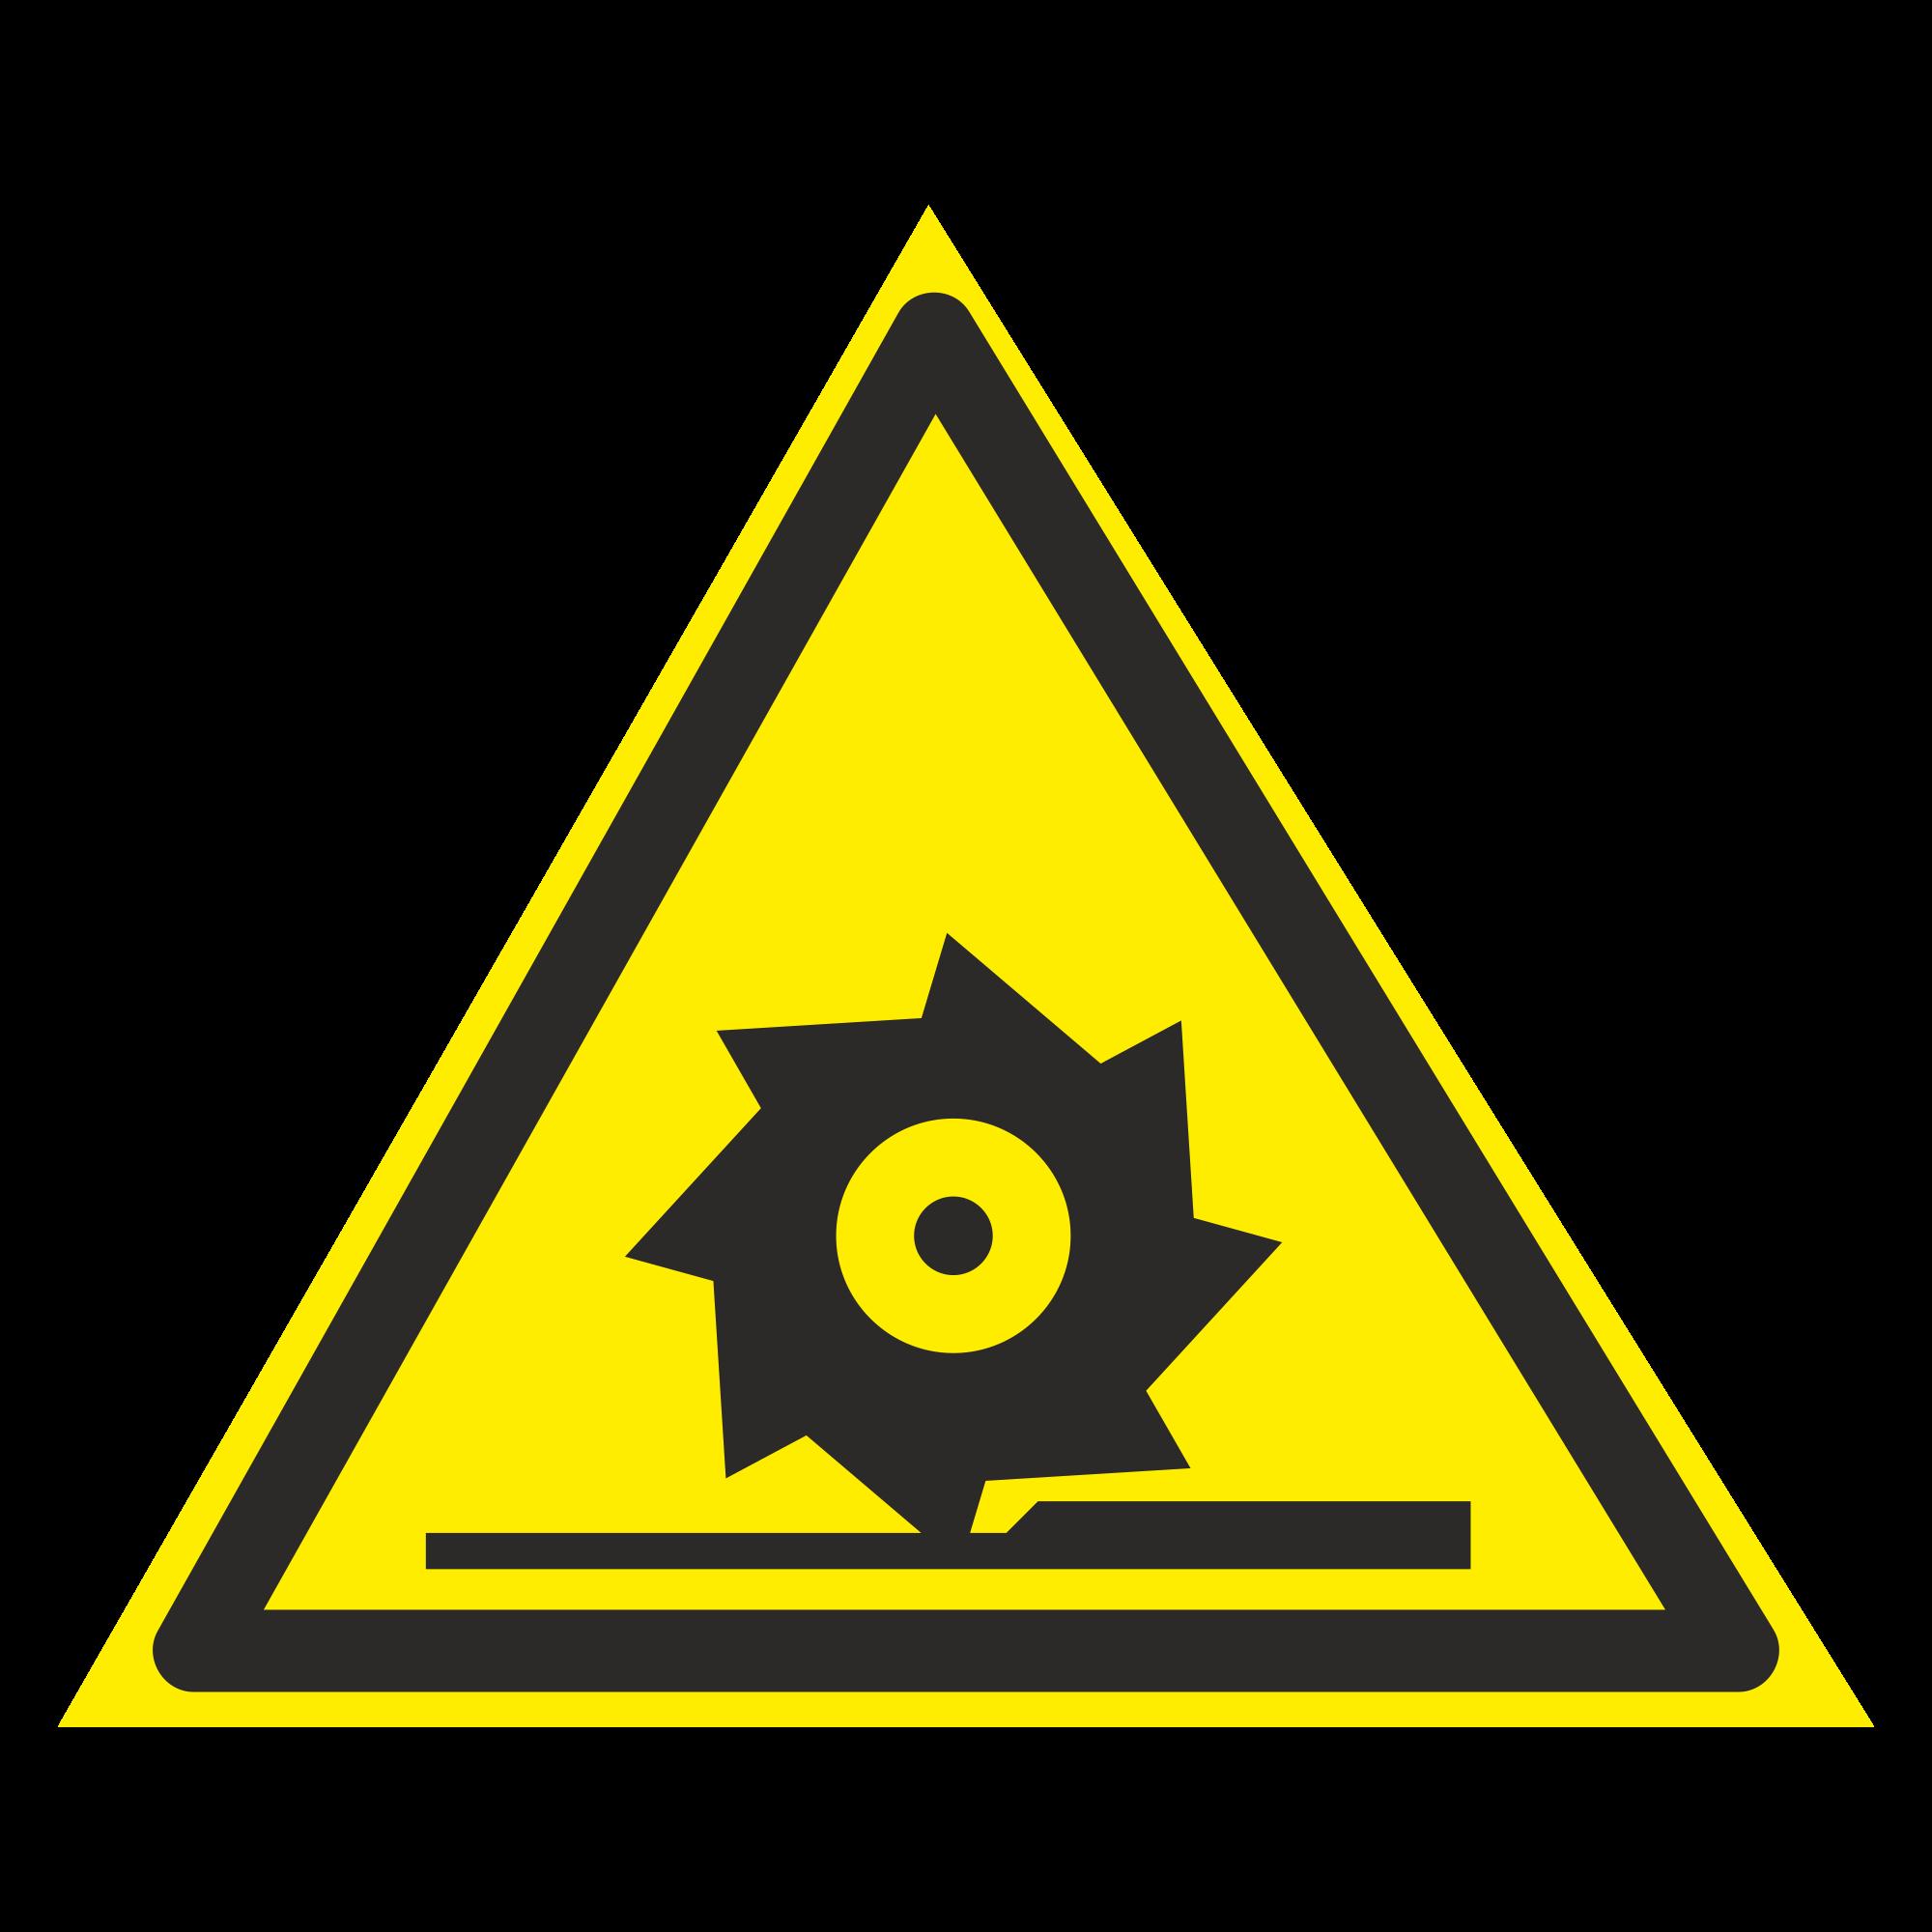 W22 Осторожно. Режущие валы